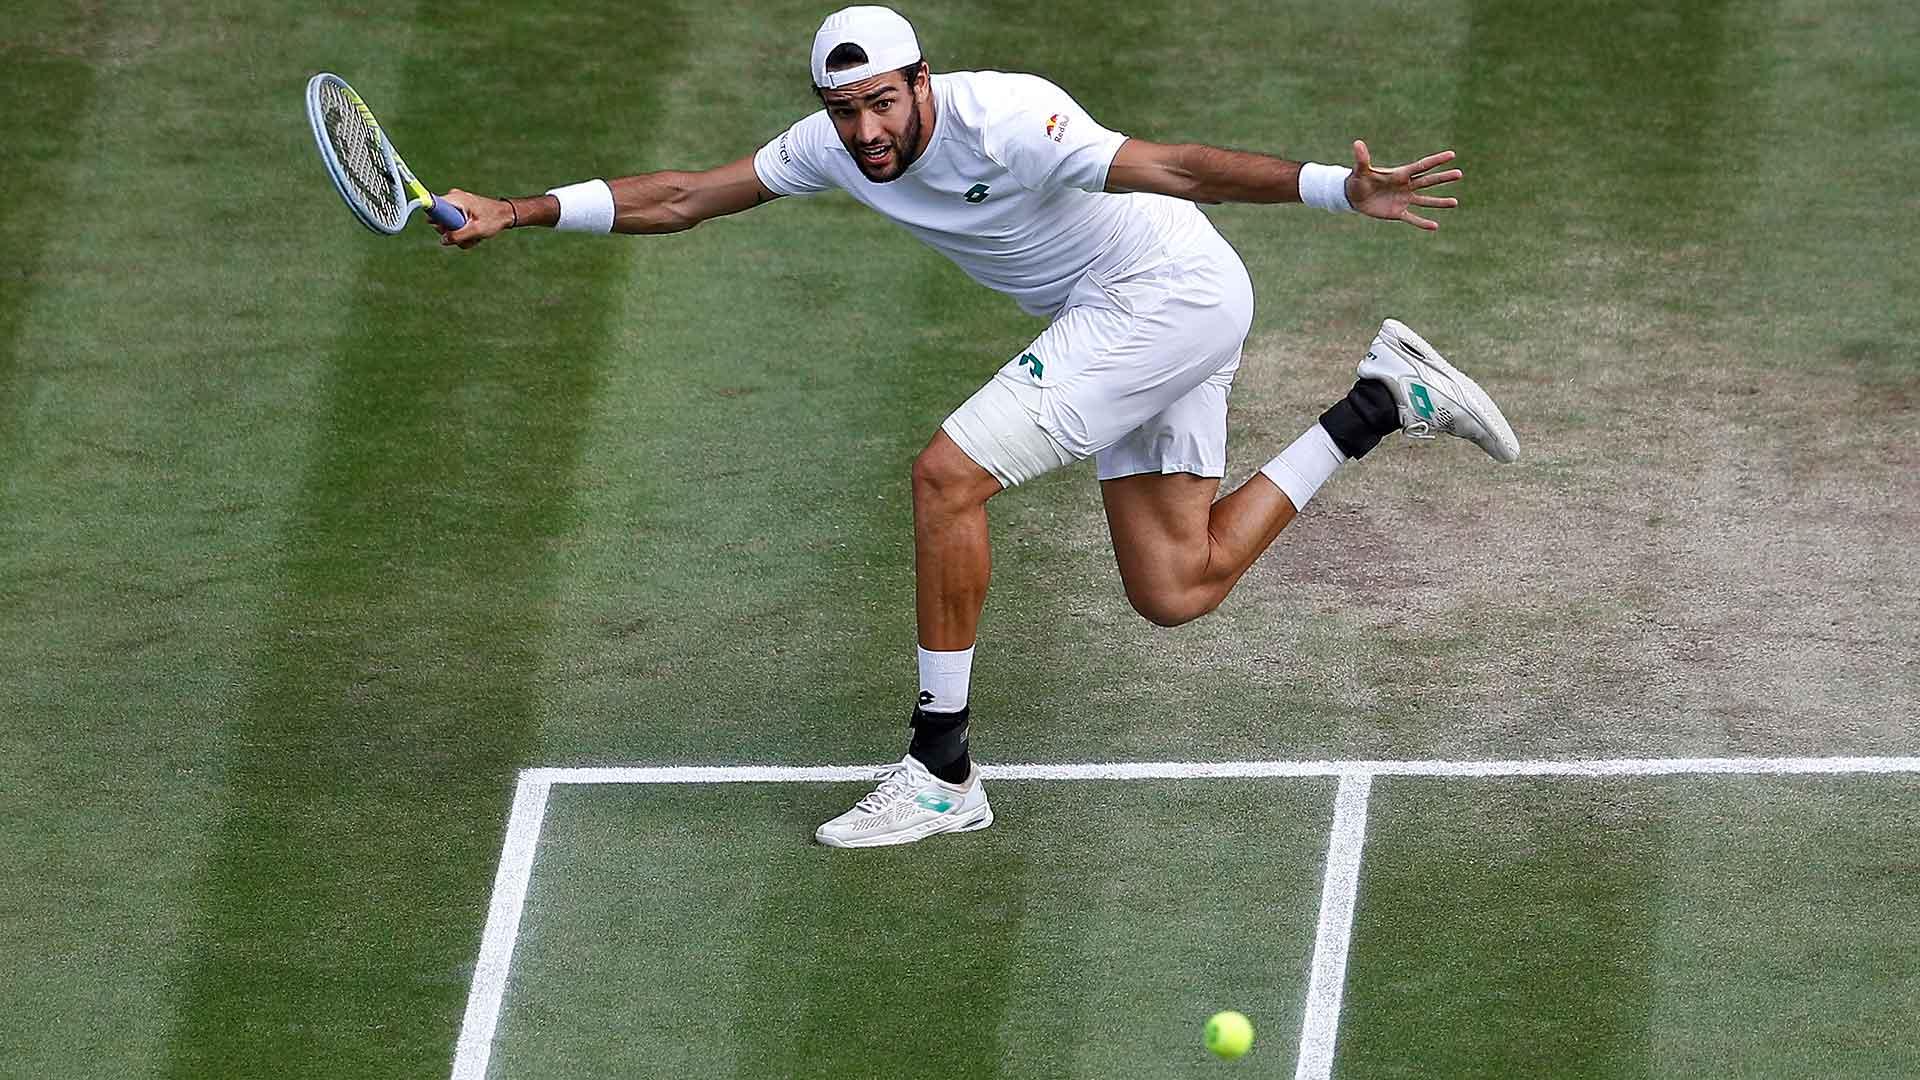 Wimbledon match fixing alert